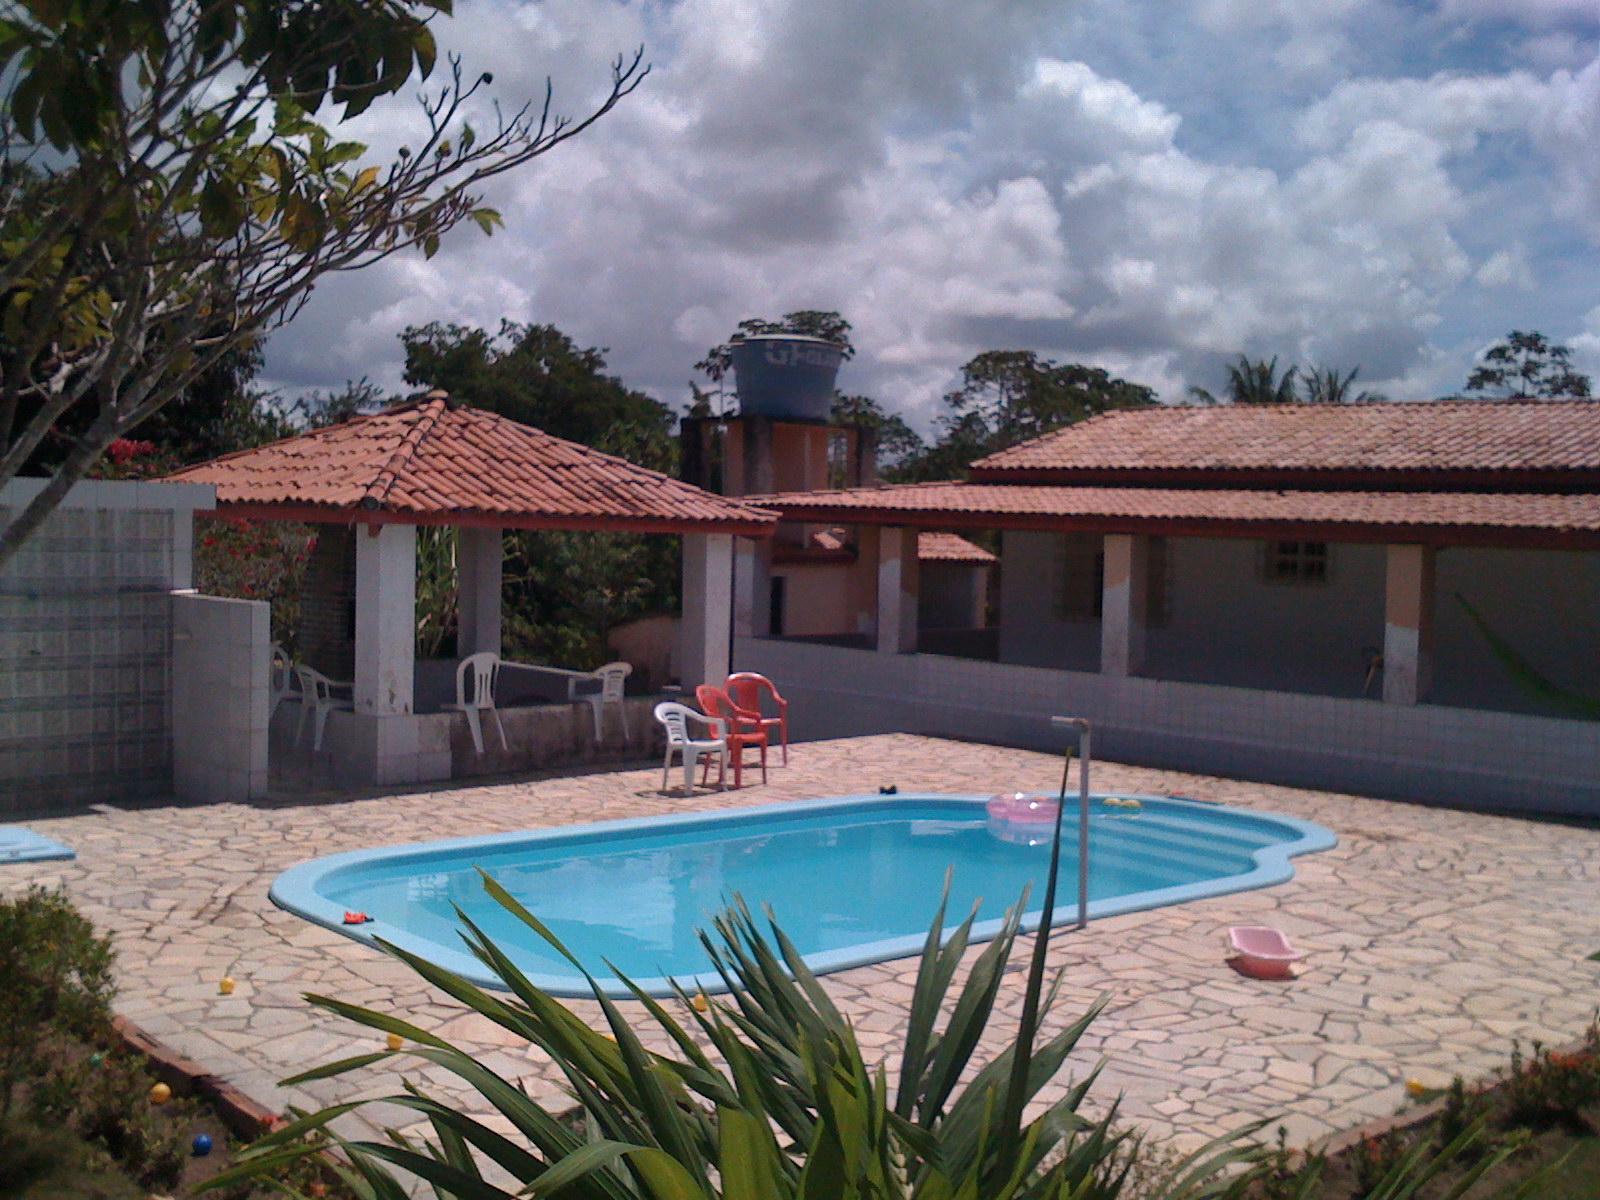 Sitio jesus a luz entrada do sitio com portao for Entrada piscina